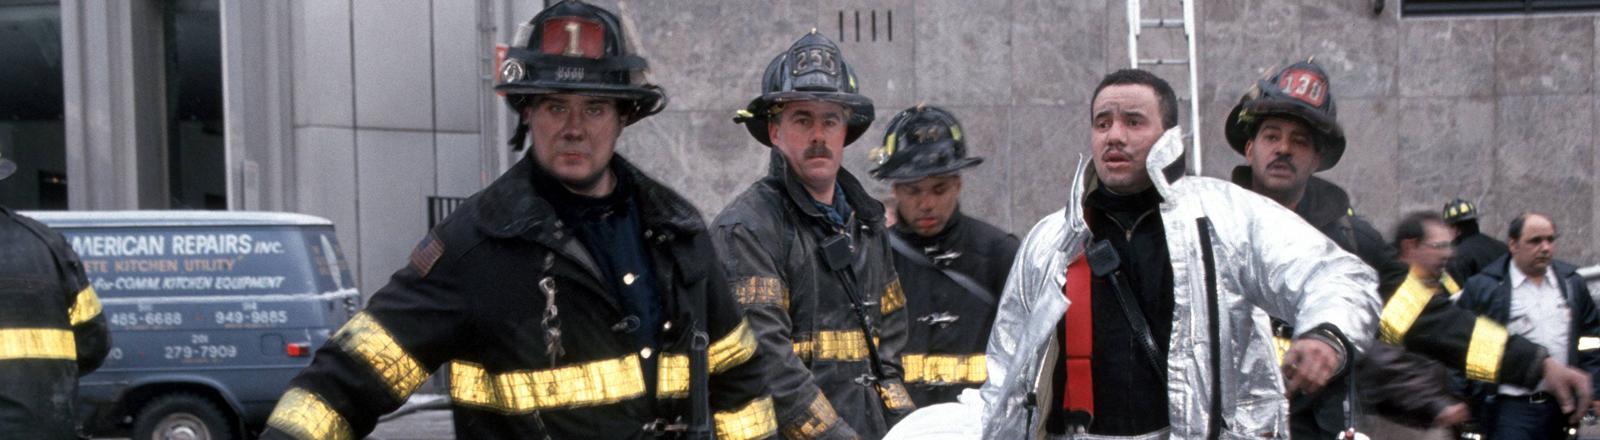 Rettungskräfte tragen Verletzte nach dem Anschlag auf das World Trade Center am 26. Februar 1993 weg.